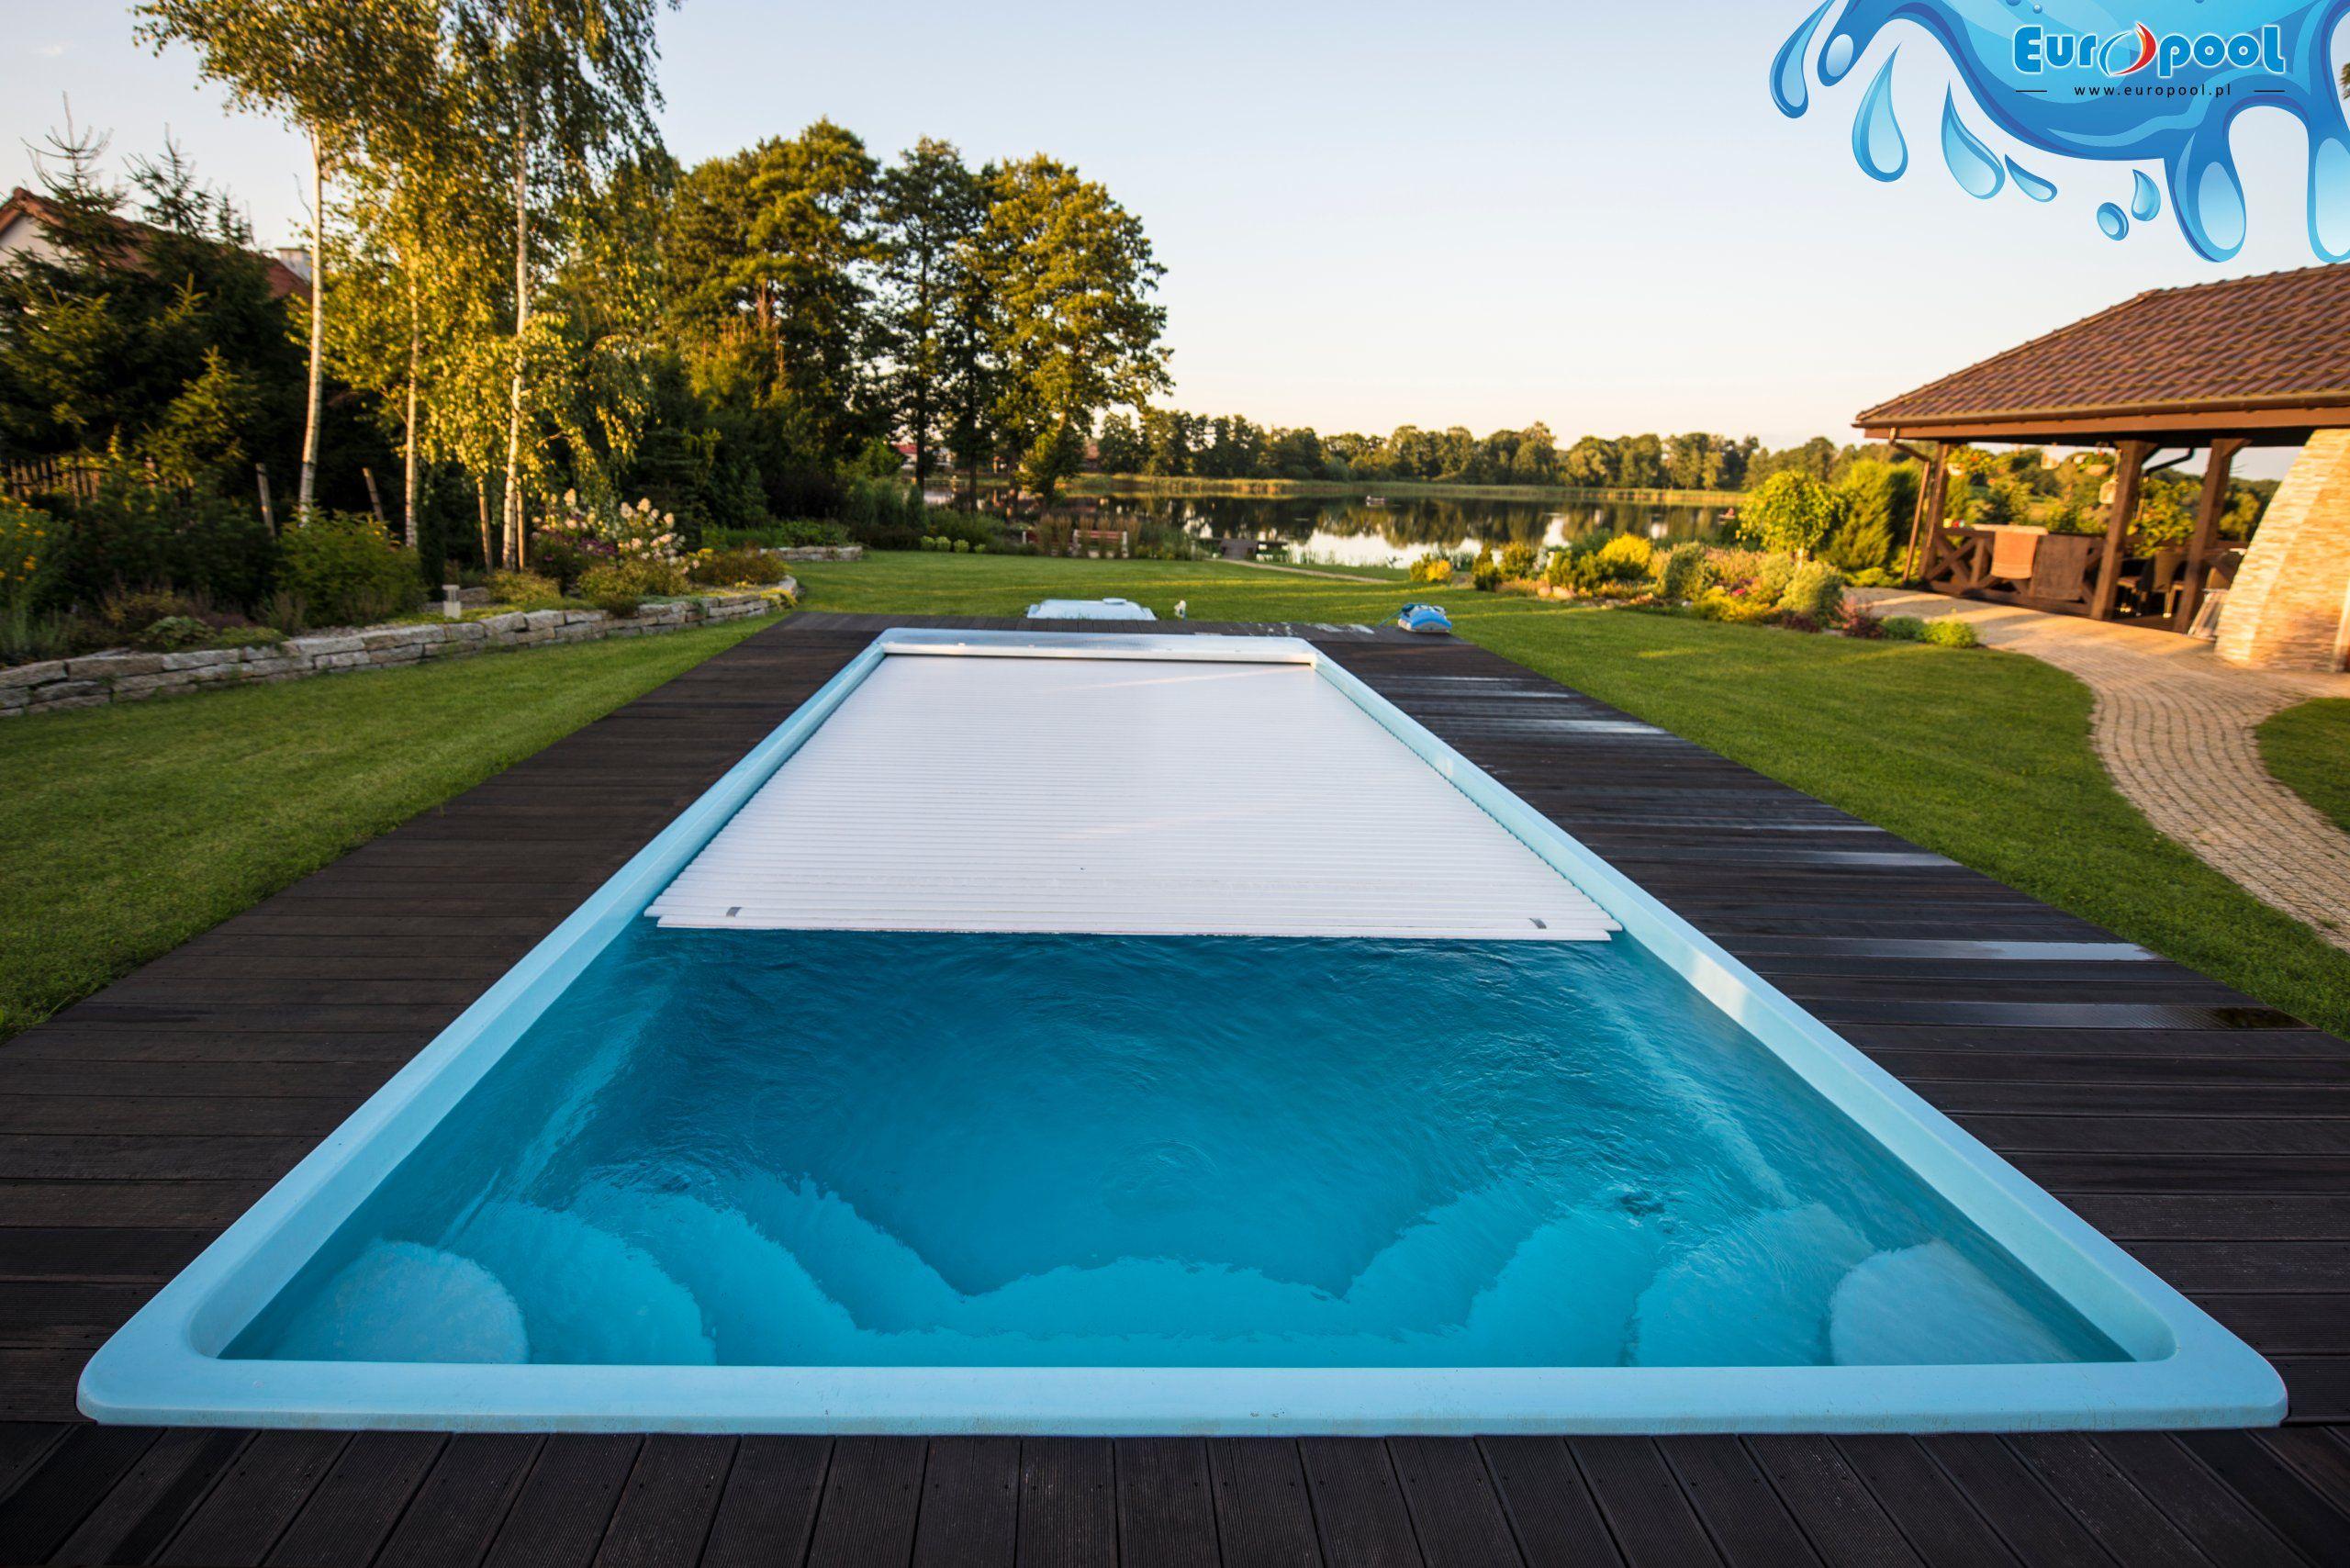 Basen Ogrodowy Z Roleta Podwodna 8 X 3 70 X 1 50m 7114913193 Oficjalne Archiwum Allegro Outdoor Decor Outdoor Pool